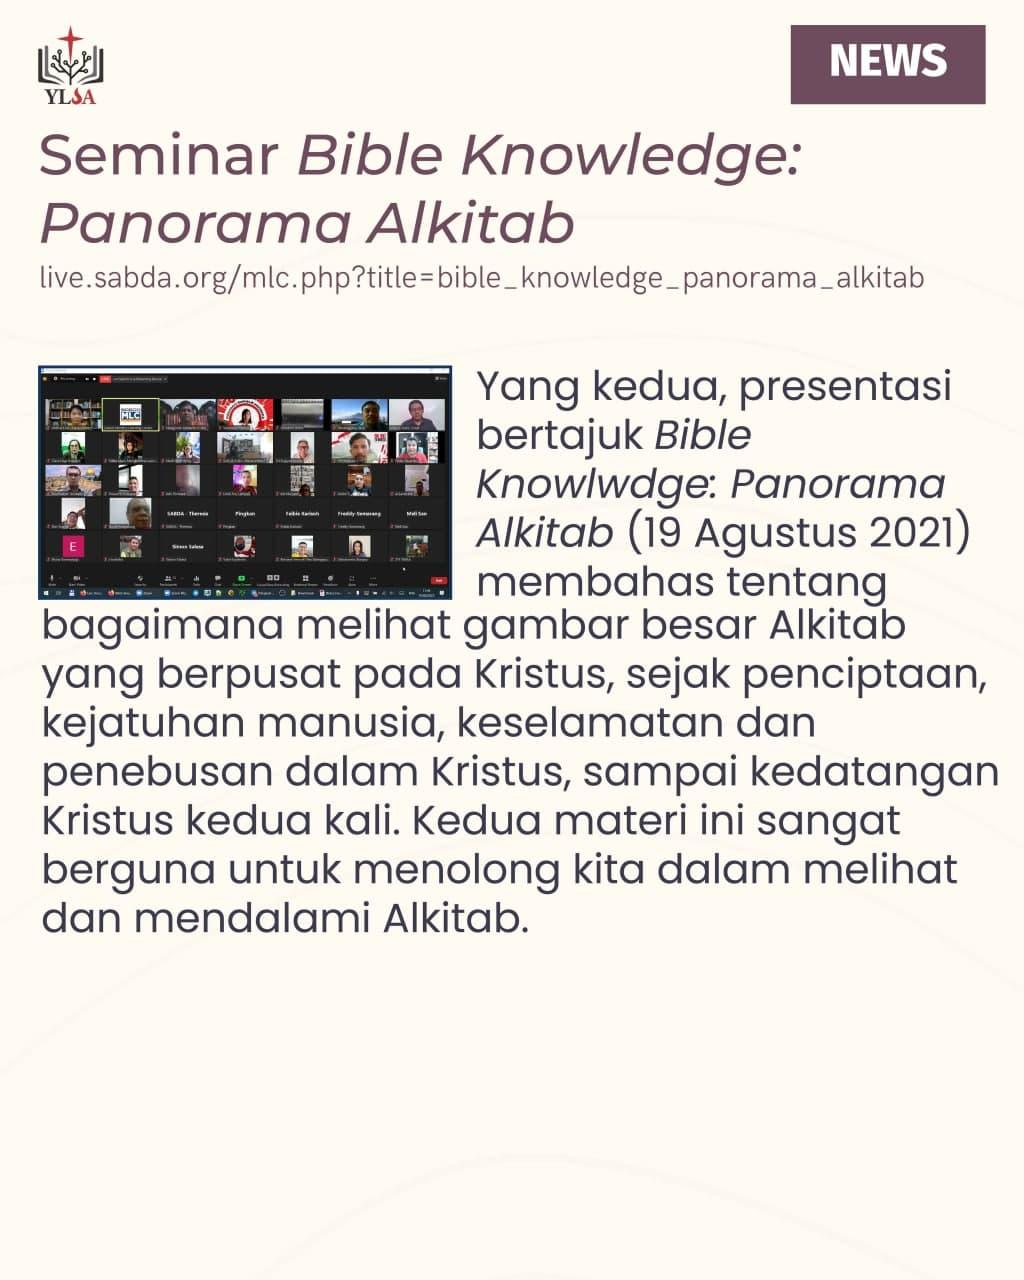 Presentasi ini membahas tentang bagaimana melihat gambar besar Alkitab yang berpusat pada Kristus.